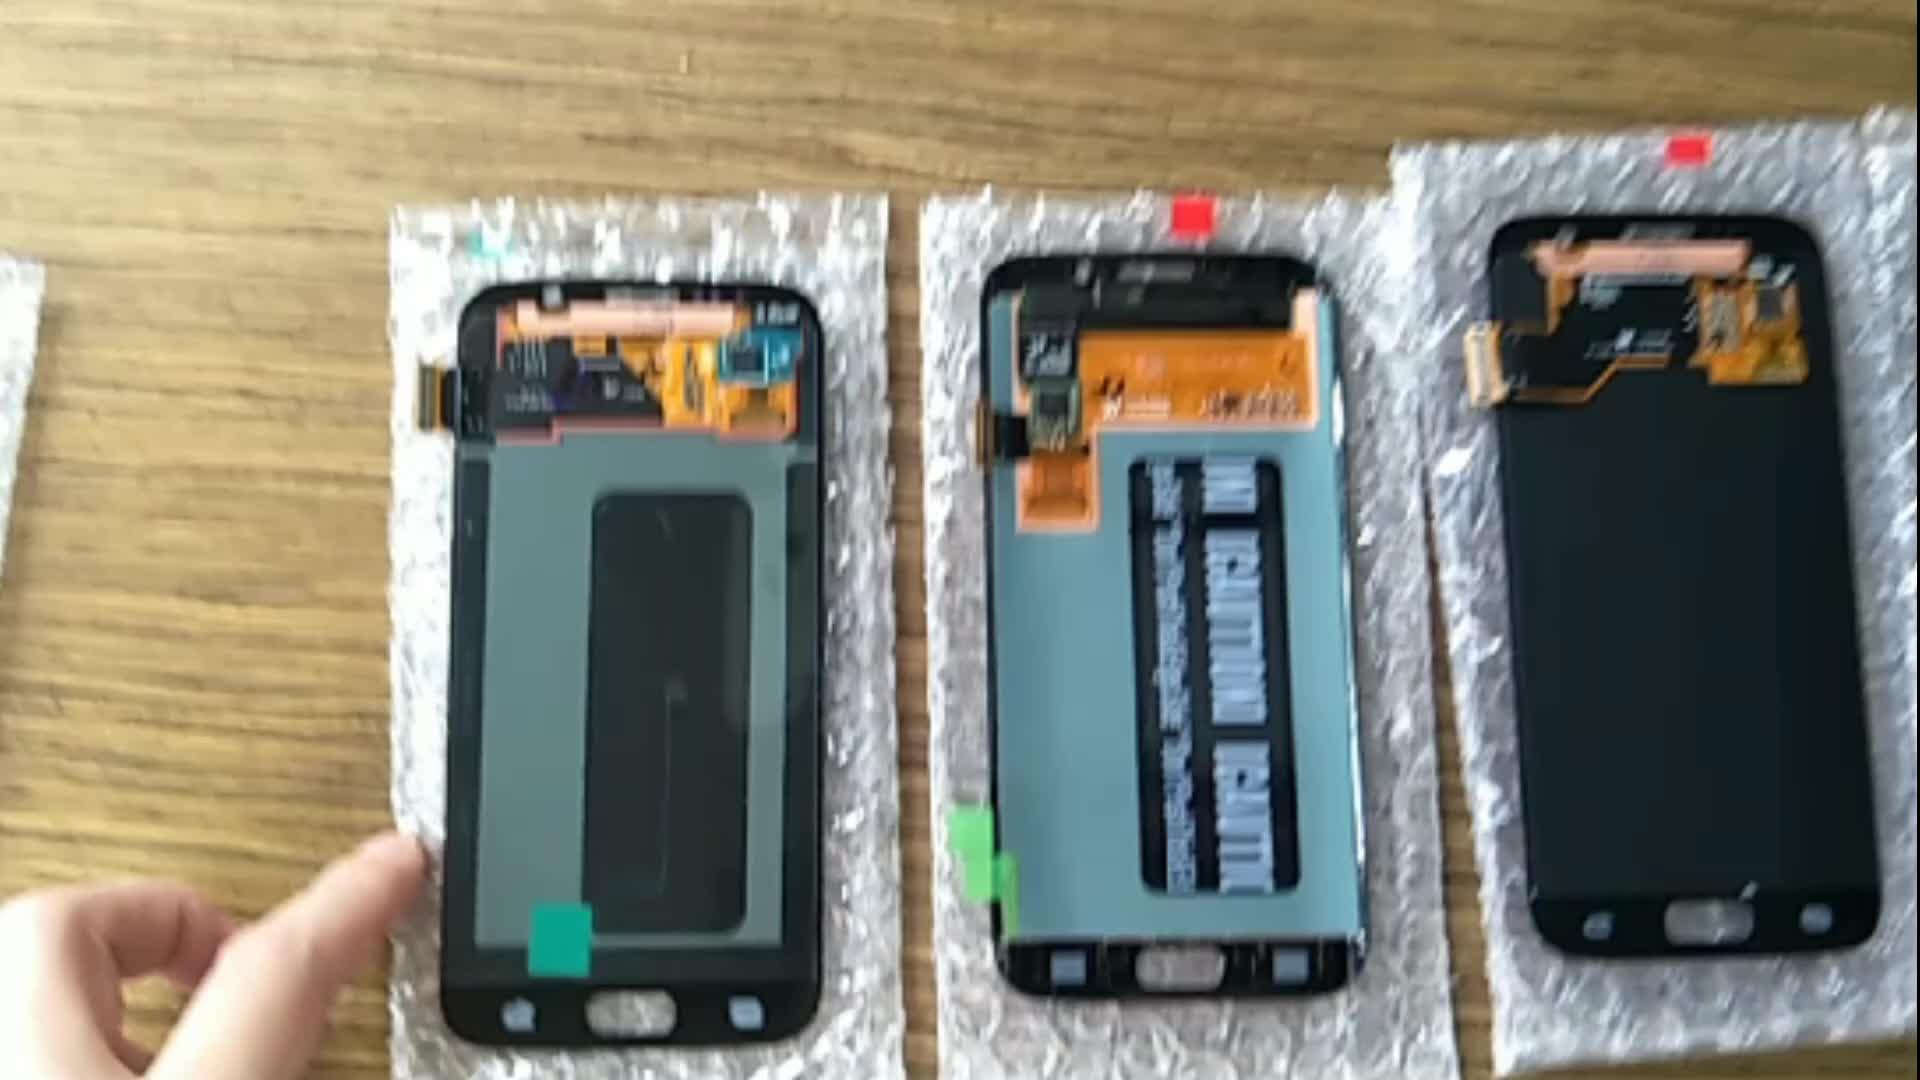 LCD Voor Samsung S2 S3 S4 S5 S6 rand Note 2 3 4 5 8 9 Lcd scherm Reparatie, lcd opknappen service, scherm lcd